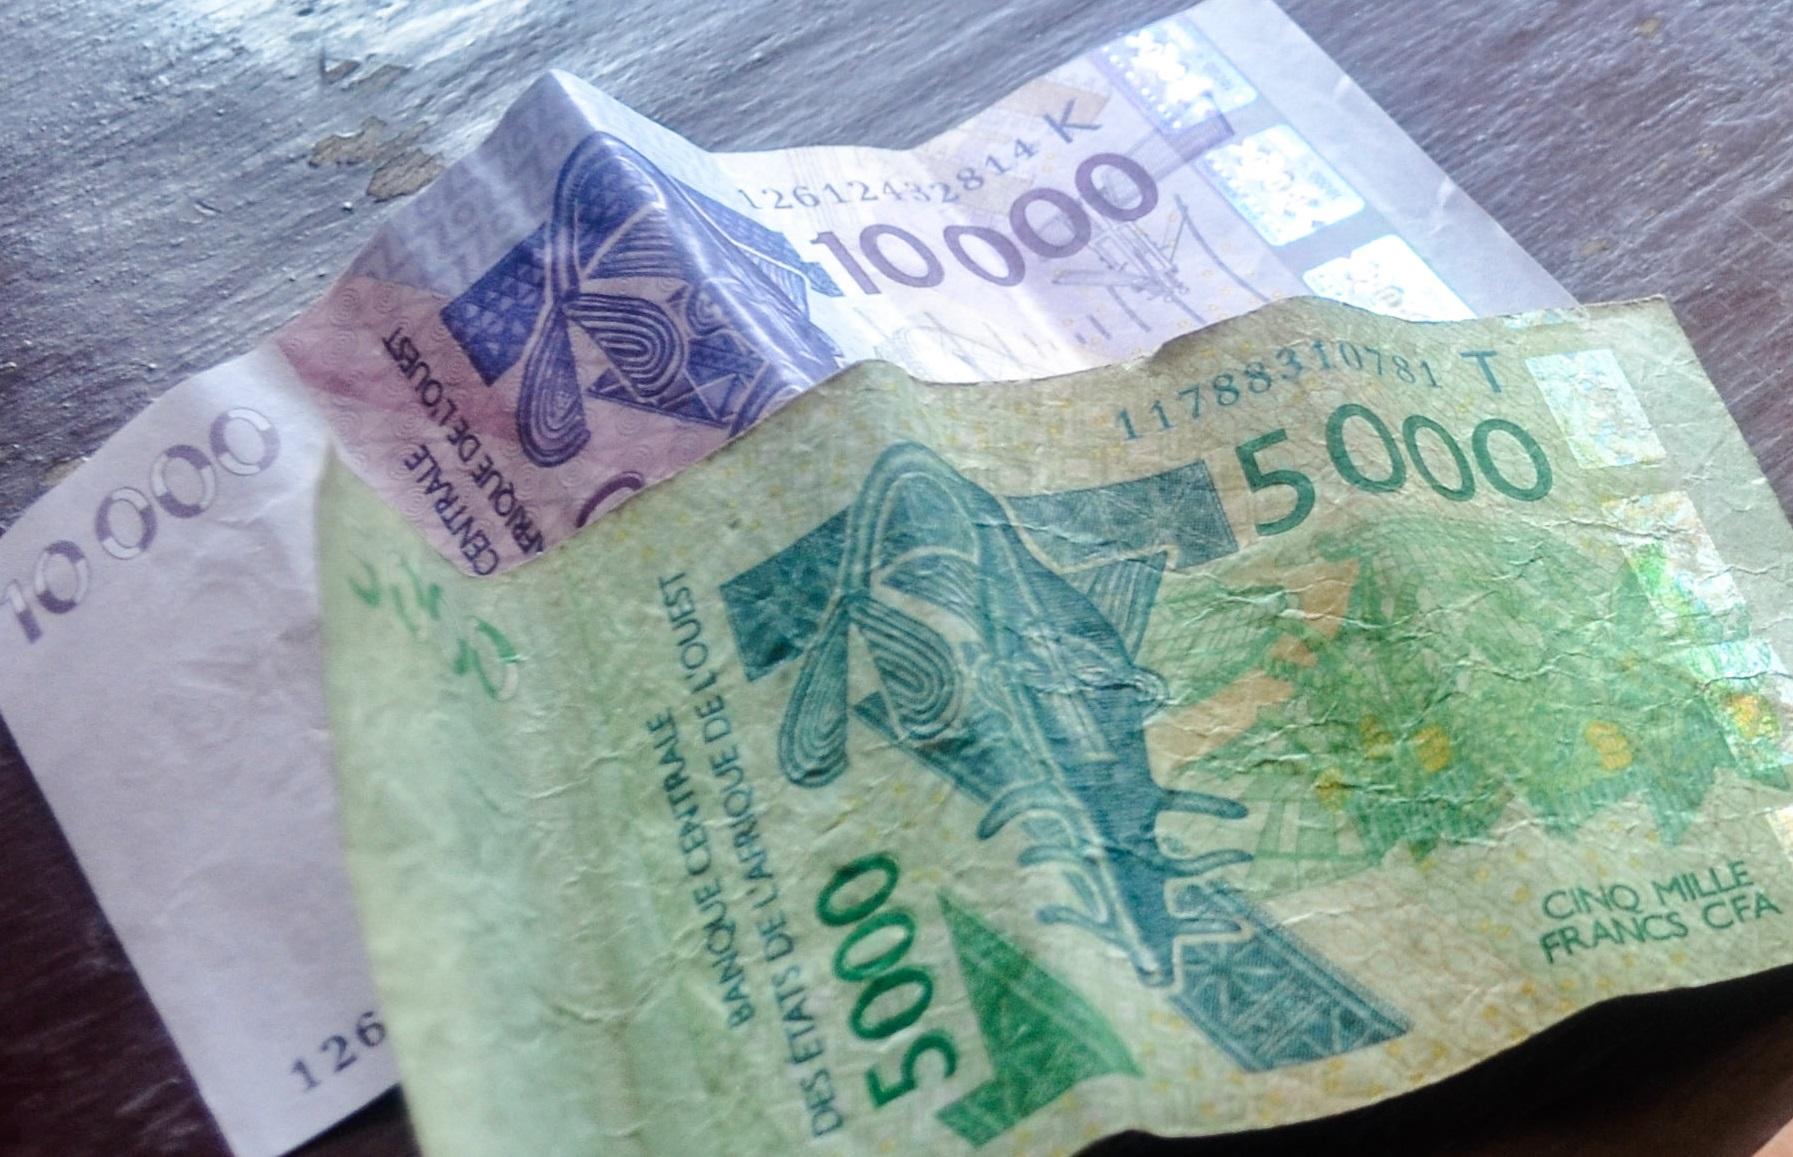 Billets de franc CFA 10000 et 5000 FCFA